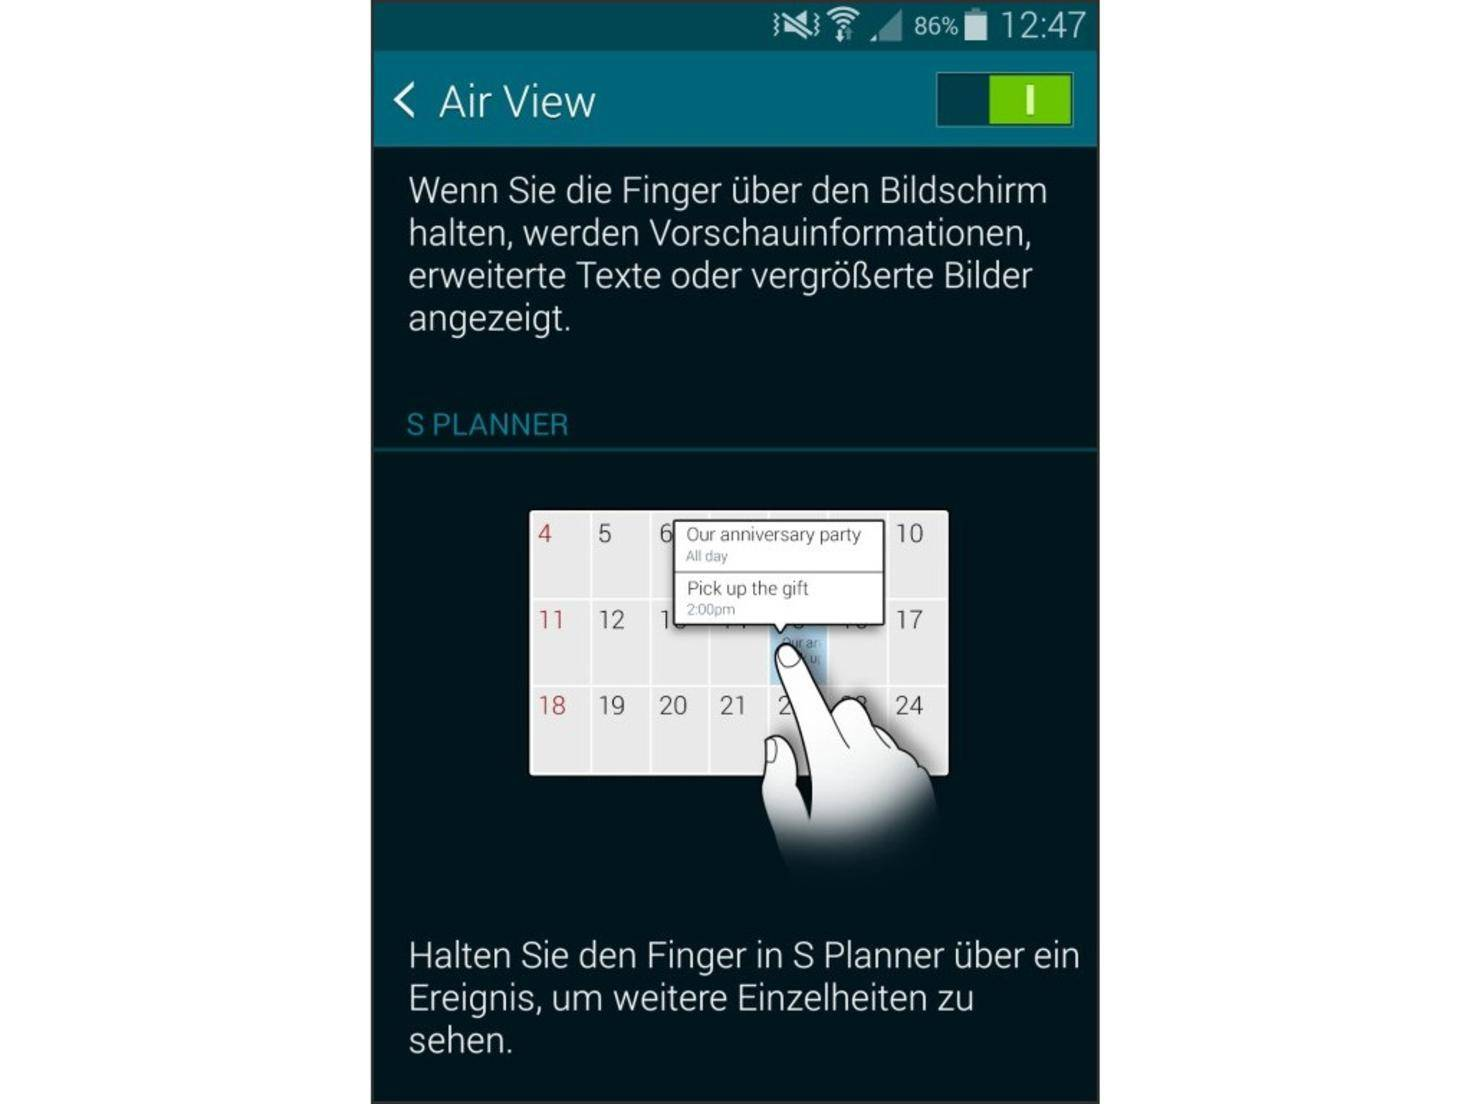 Wie von Zauberhand lässt Air View Vorschauinformationen erscheinen.